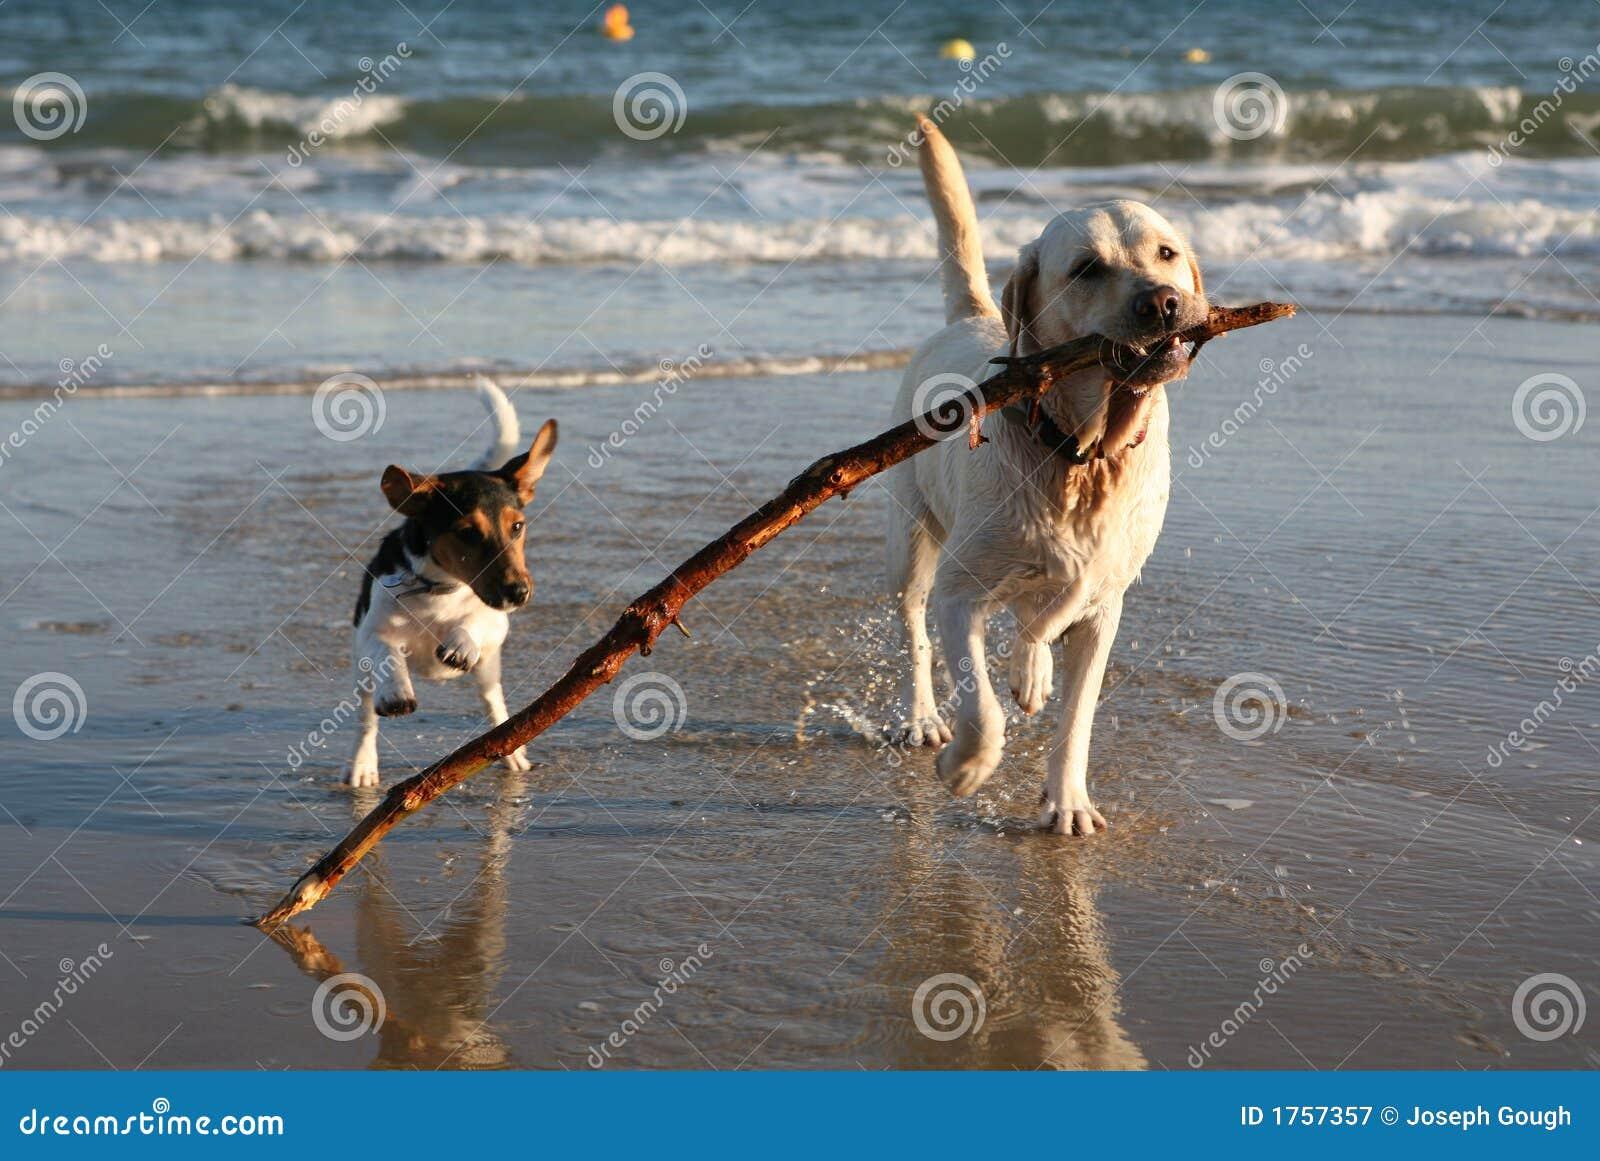 пляж выслеживает шаловливую ручку